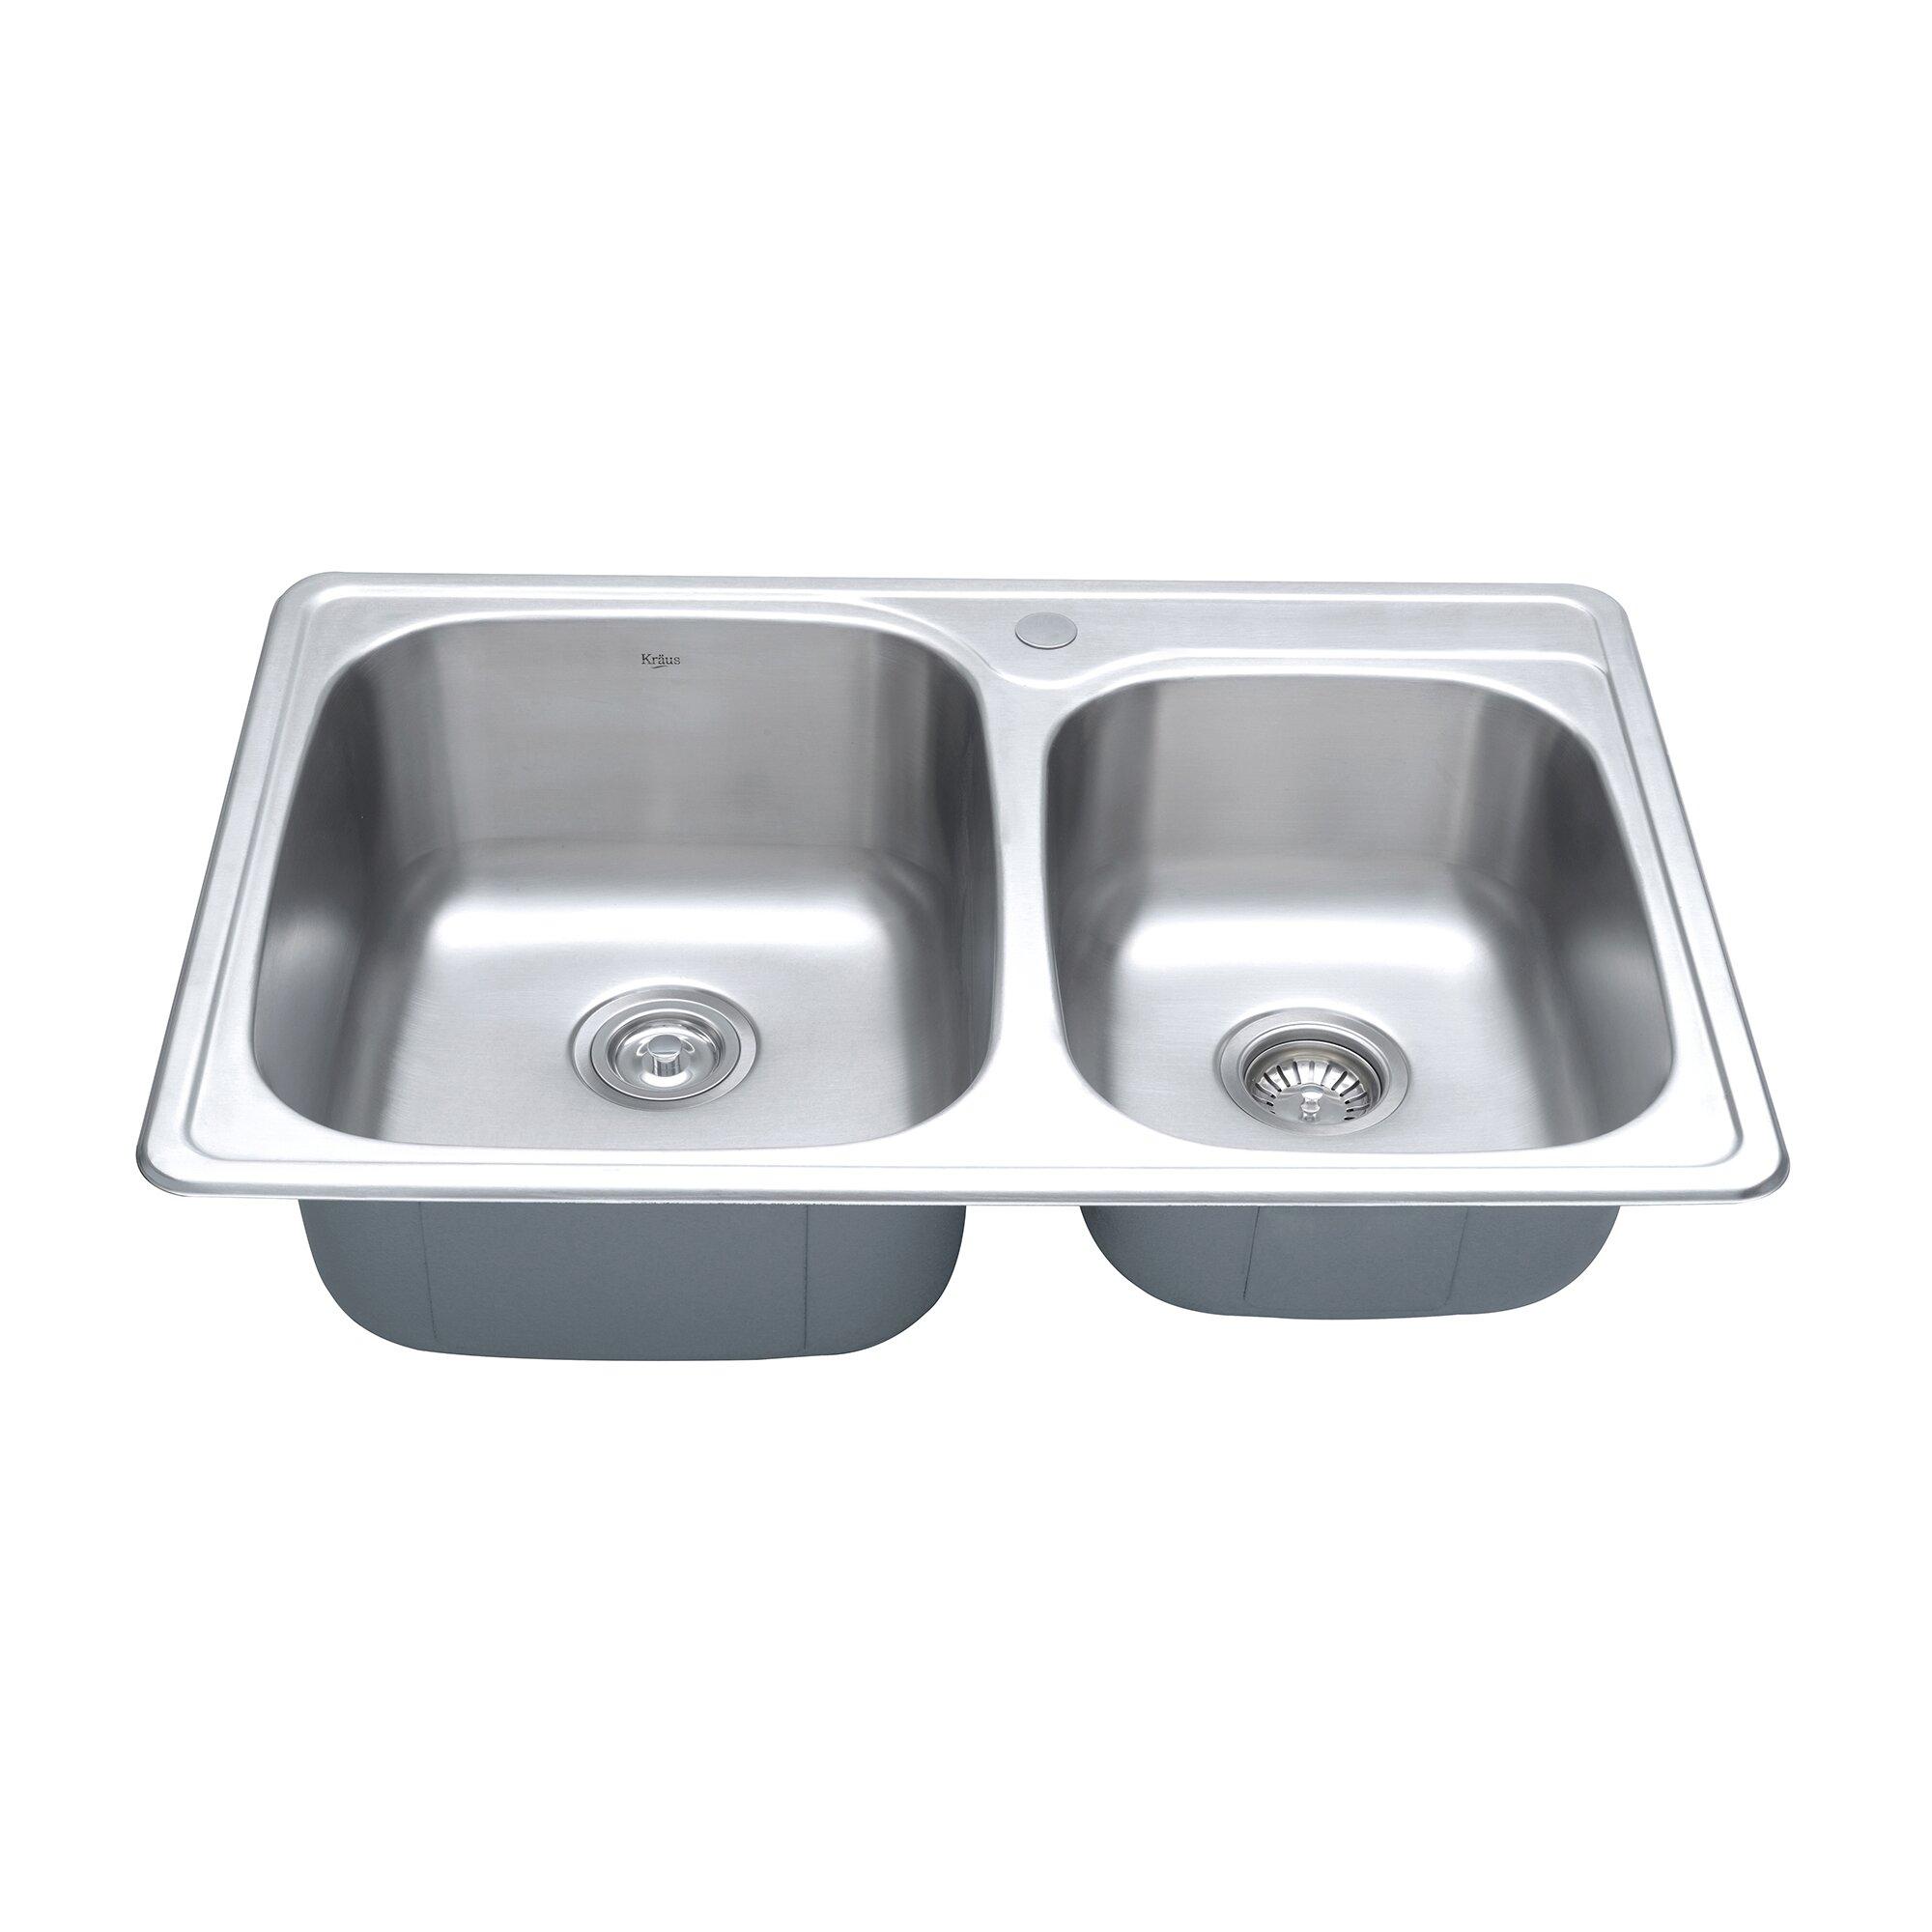 Kraus 33 x 22 4 piece topmount 60 40 double bowl kitchen - Kitchen sink pieces ...